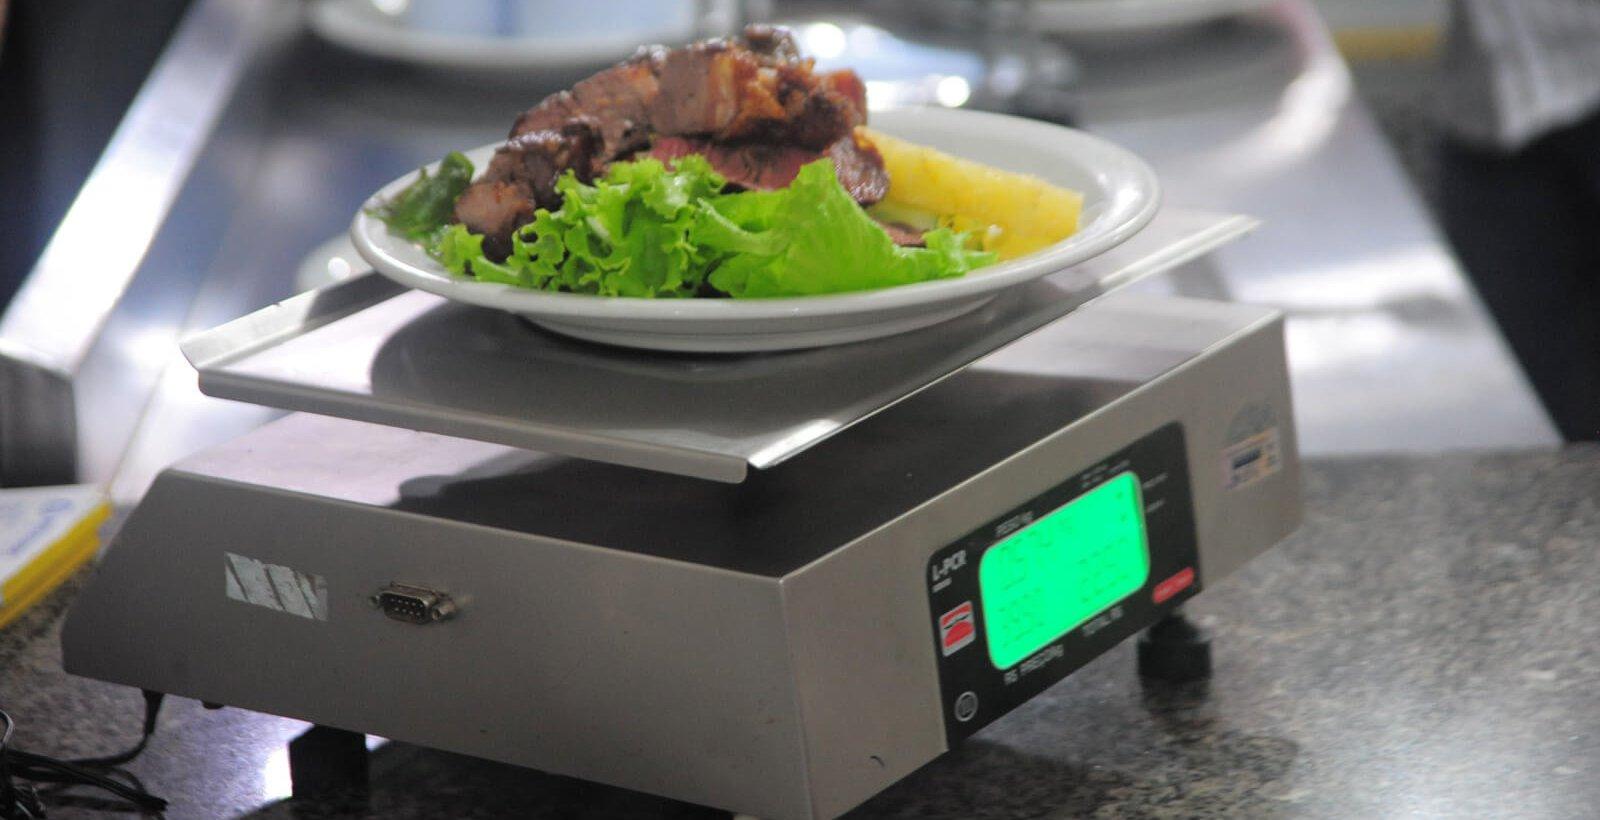 equipamentos para automacao comercial como balanca comercial para restaurantes e bares que querem automatizar o estabelecimento